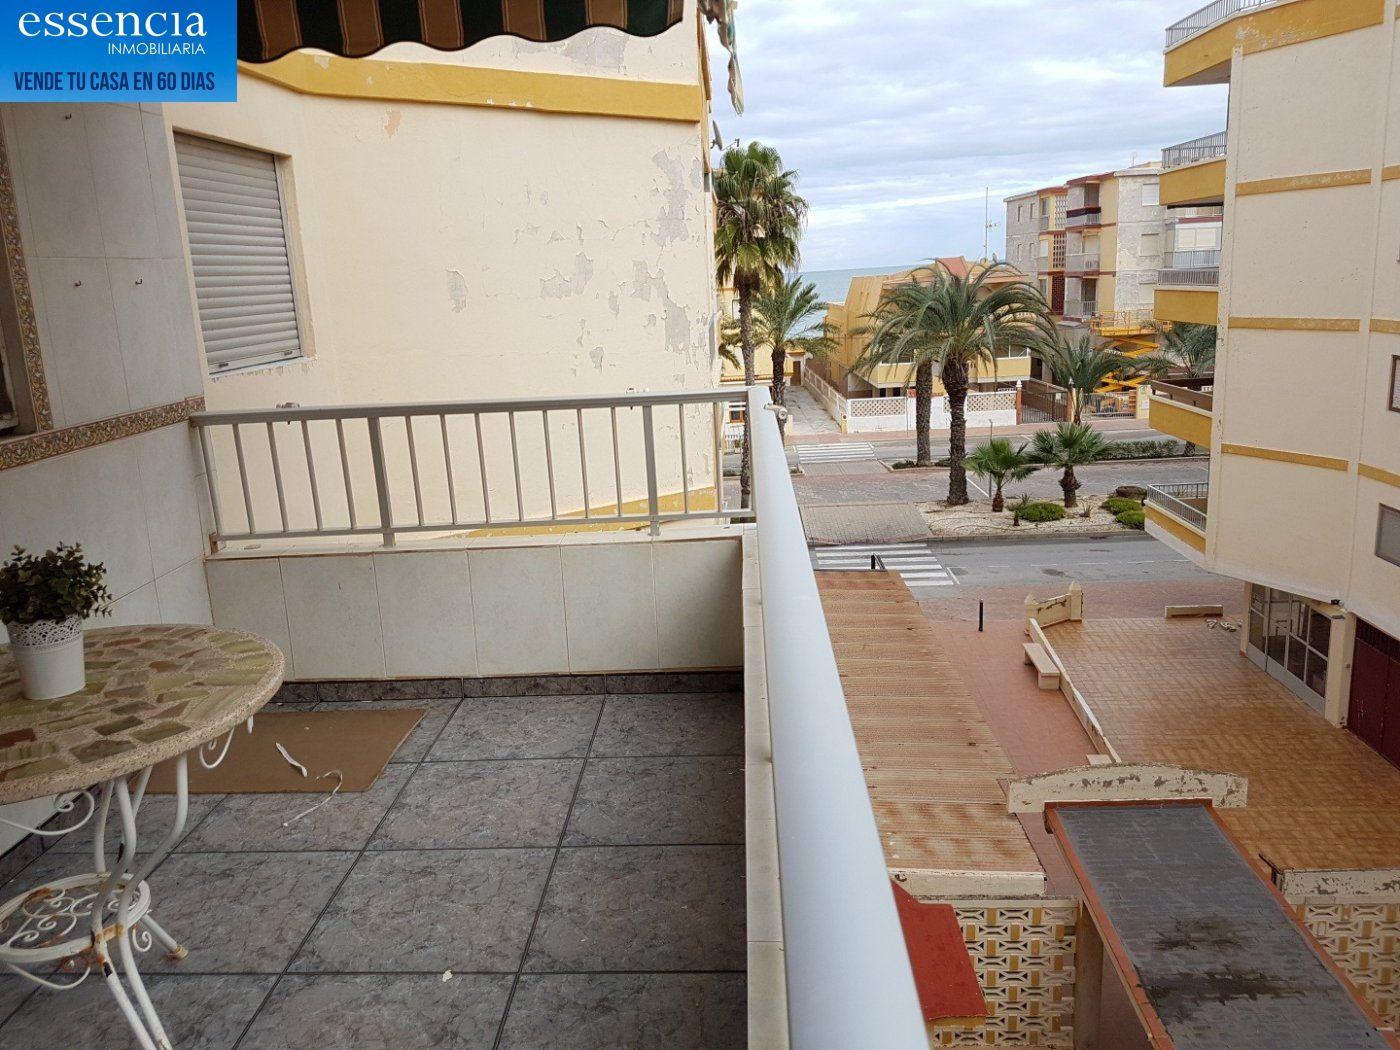 Apartamento en playa de tavernes en residencial a 50 metros del mar. - imagenInmueble0